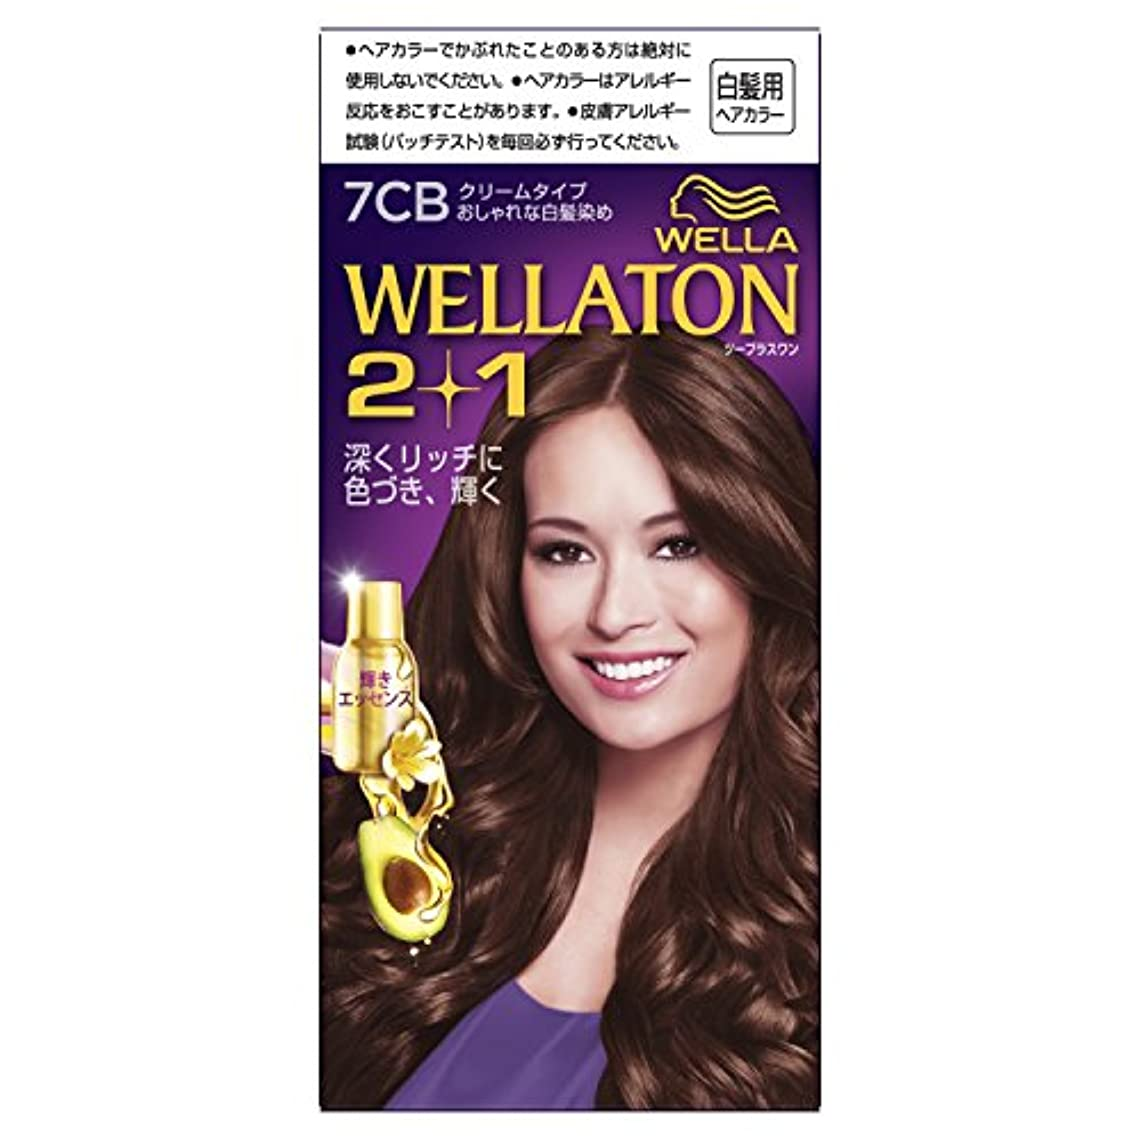 暗黙貫通する印をつけるウエラトーン2+1 クリームタイプ 7CB [医薬部外品](おしゃれな白髪染め)